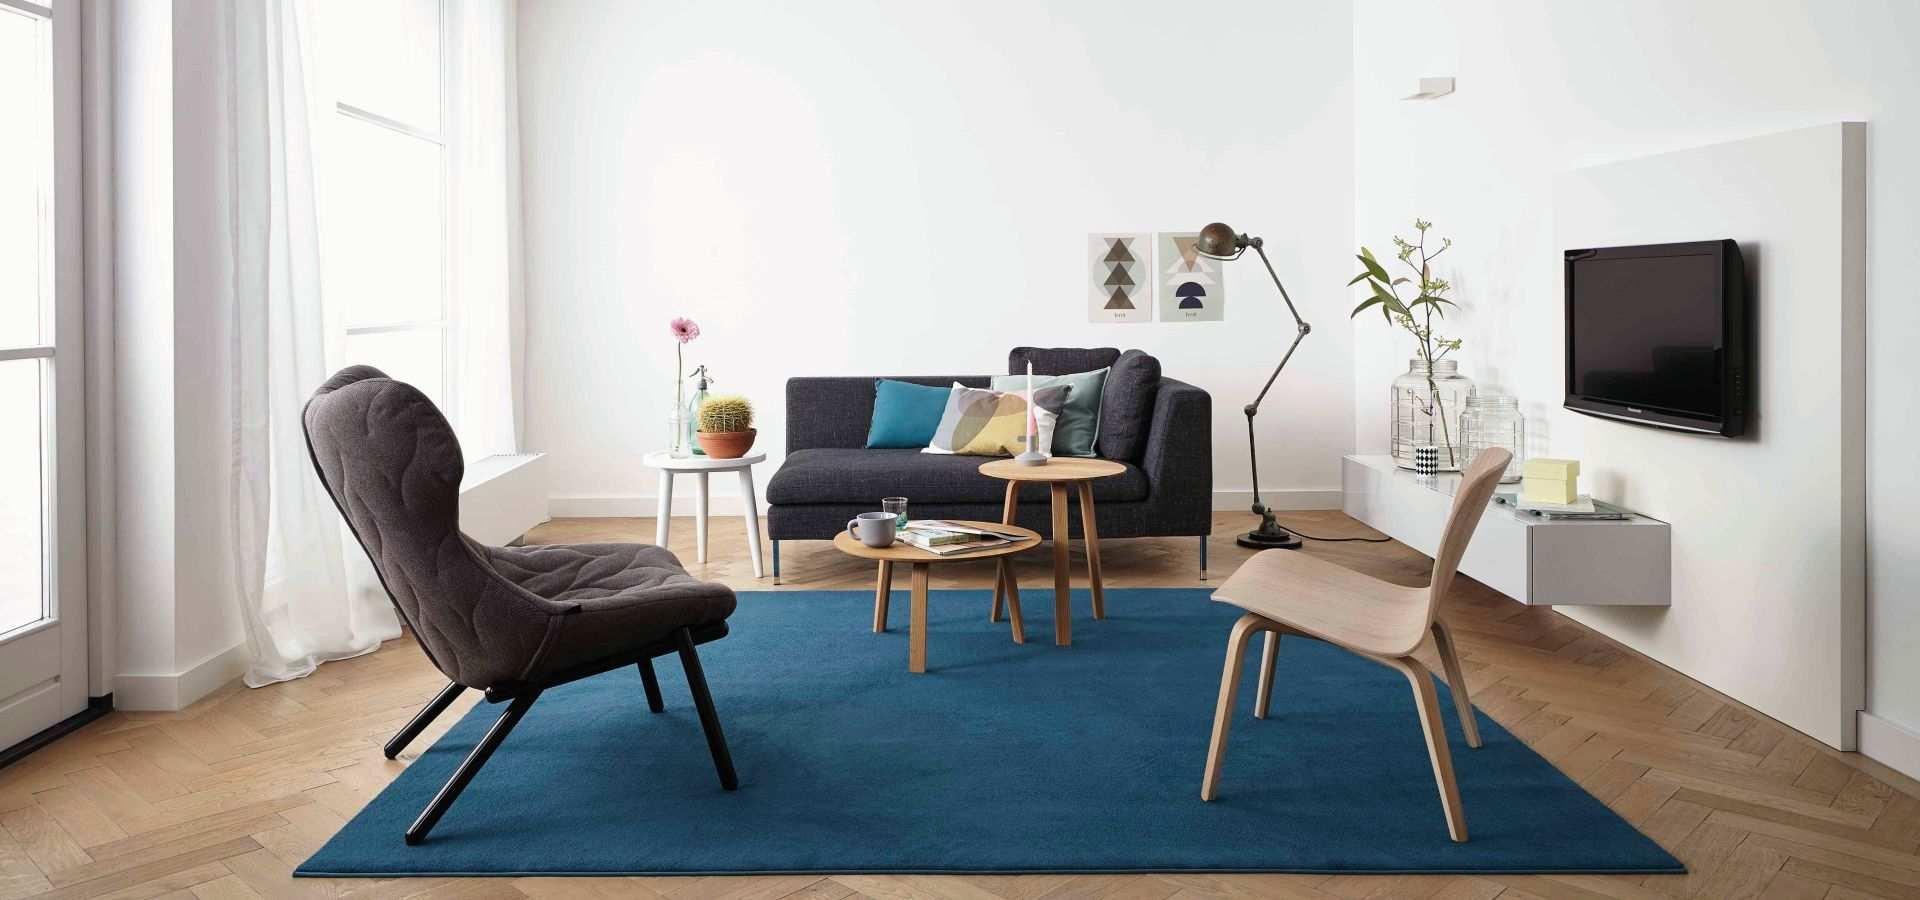 Bild Wohnzimmer Teppich Soft türkis